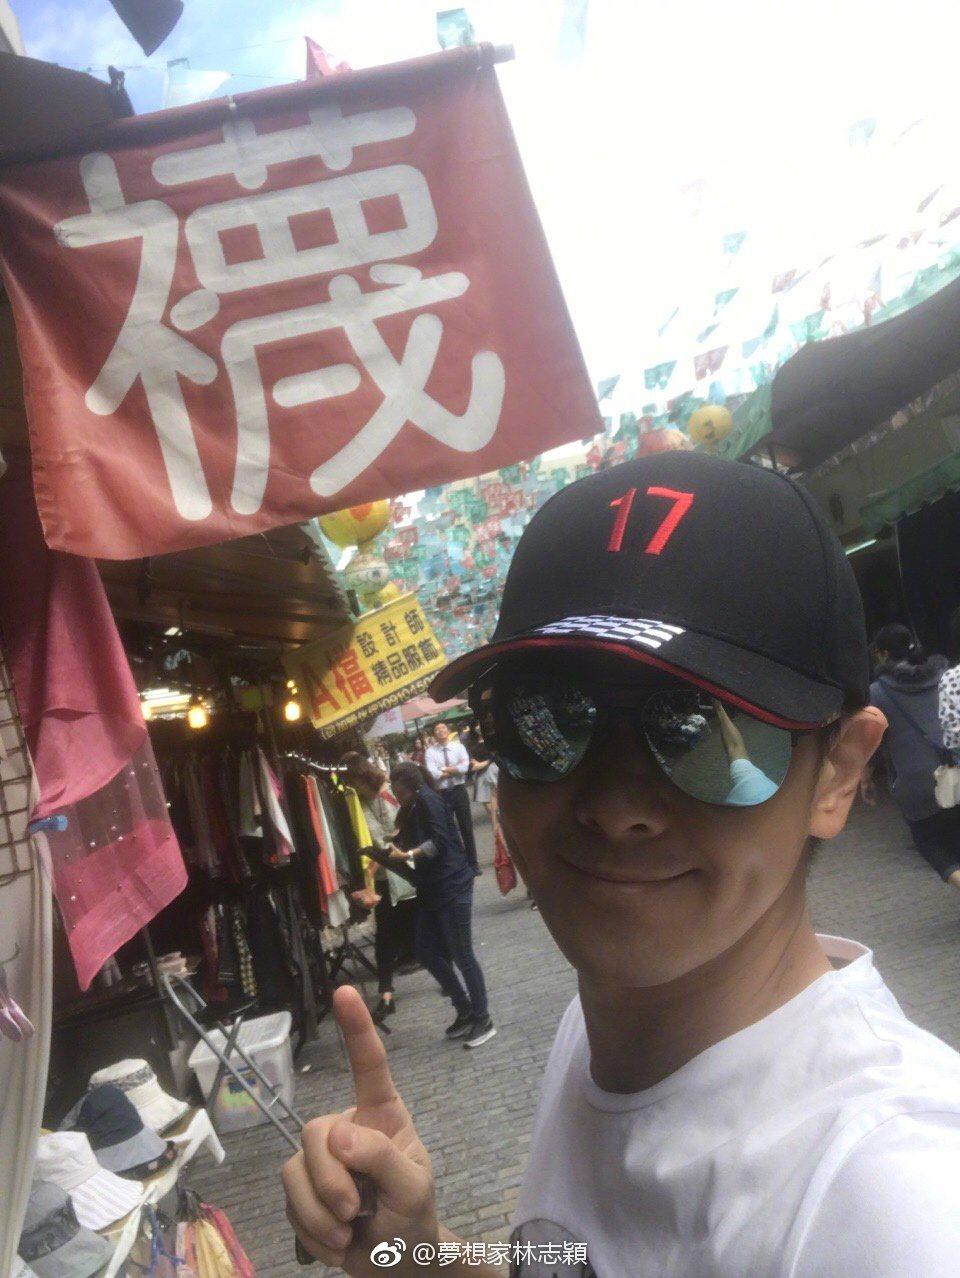 林志穎透露四平街是充滿他兒時記憶的地方。 圖/擷自微博。